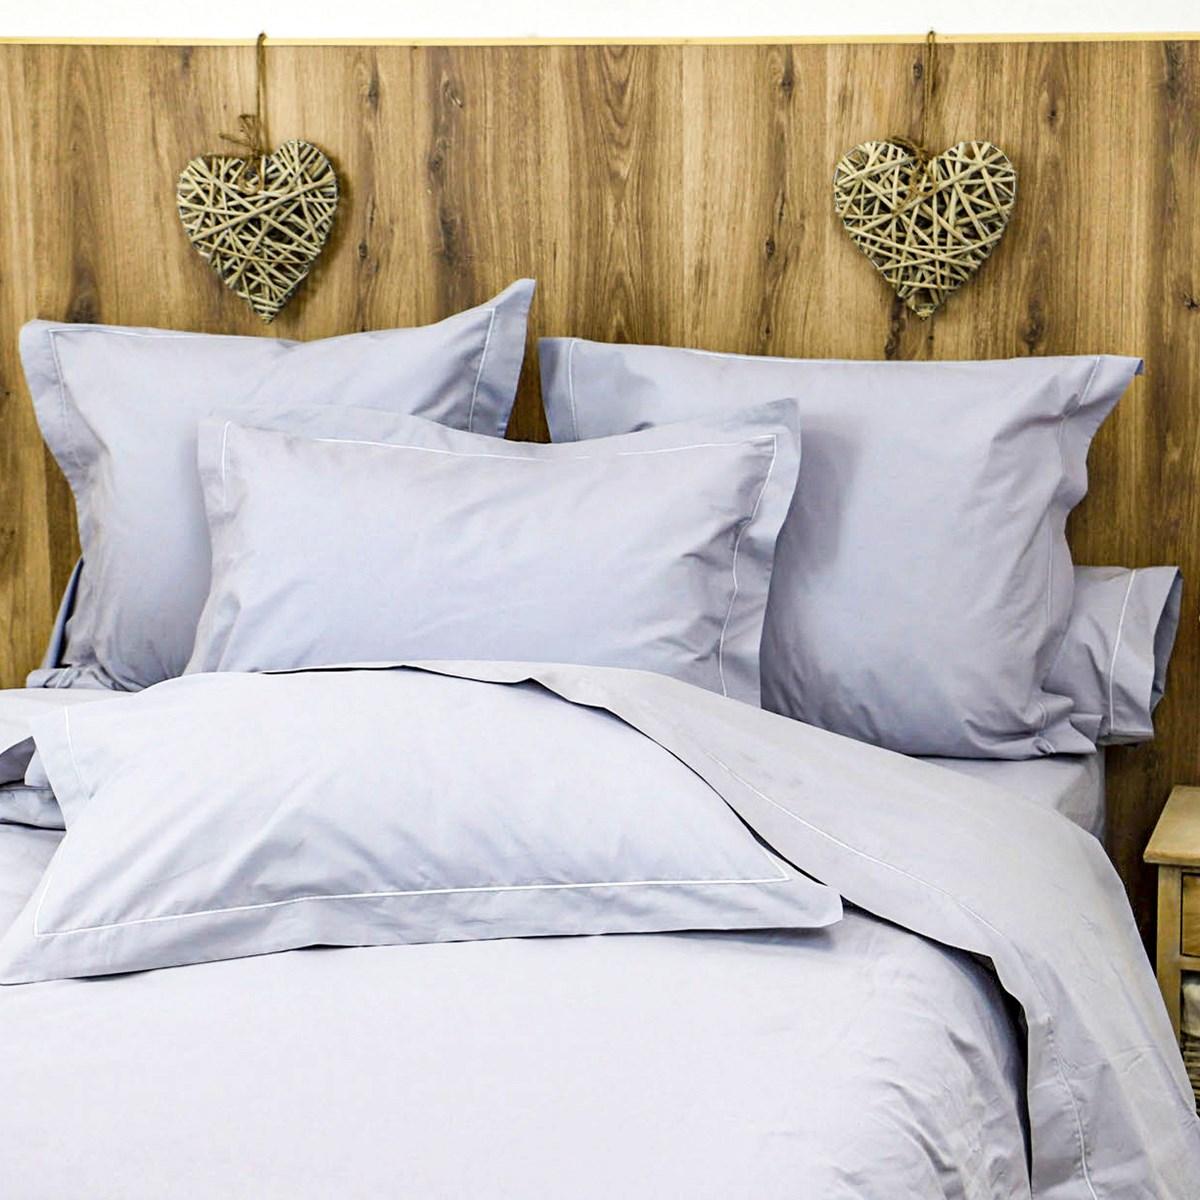 Parure housse de couette percale 200 fils en coton gris 200x200 cm